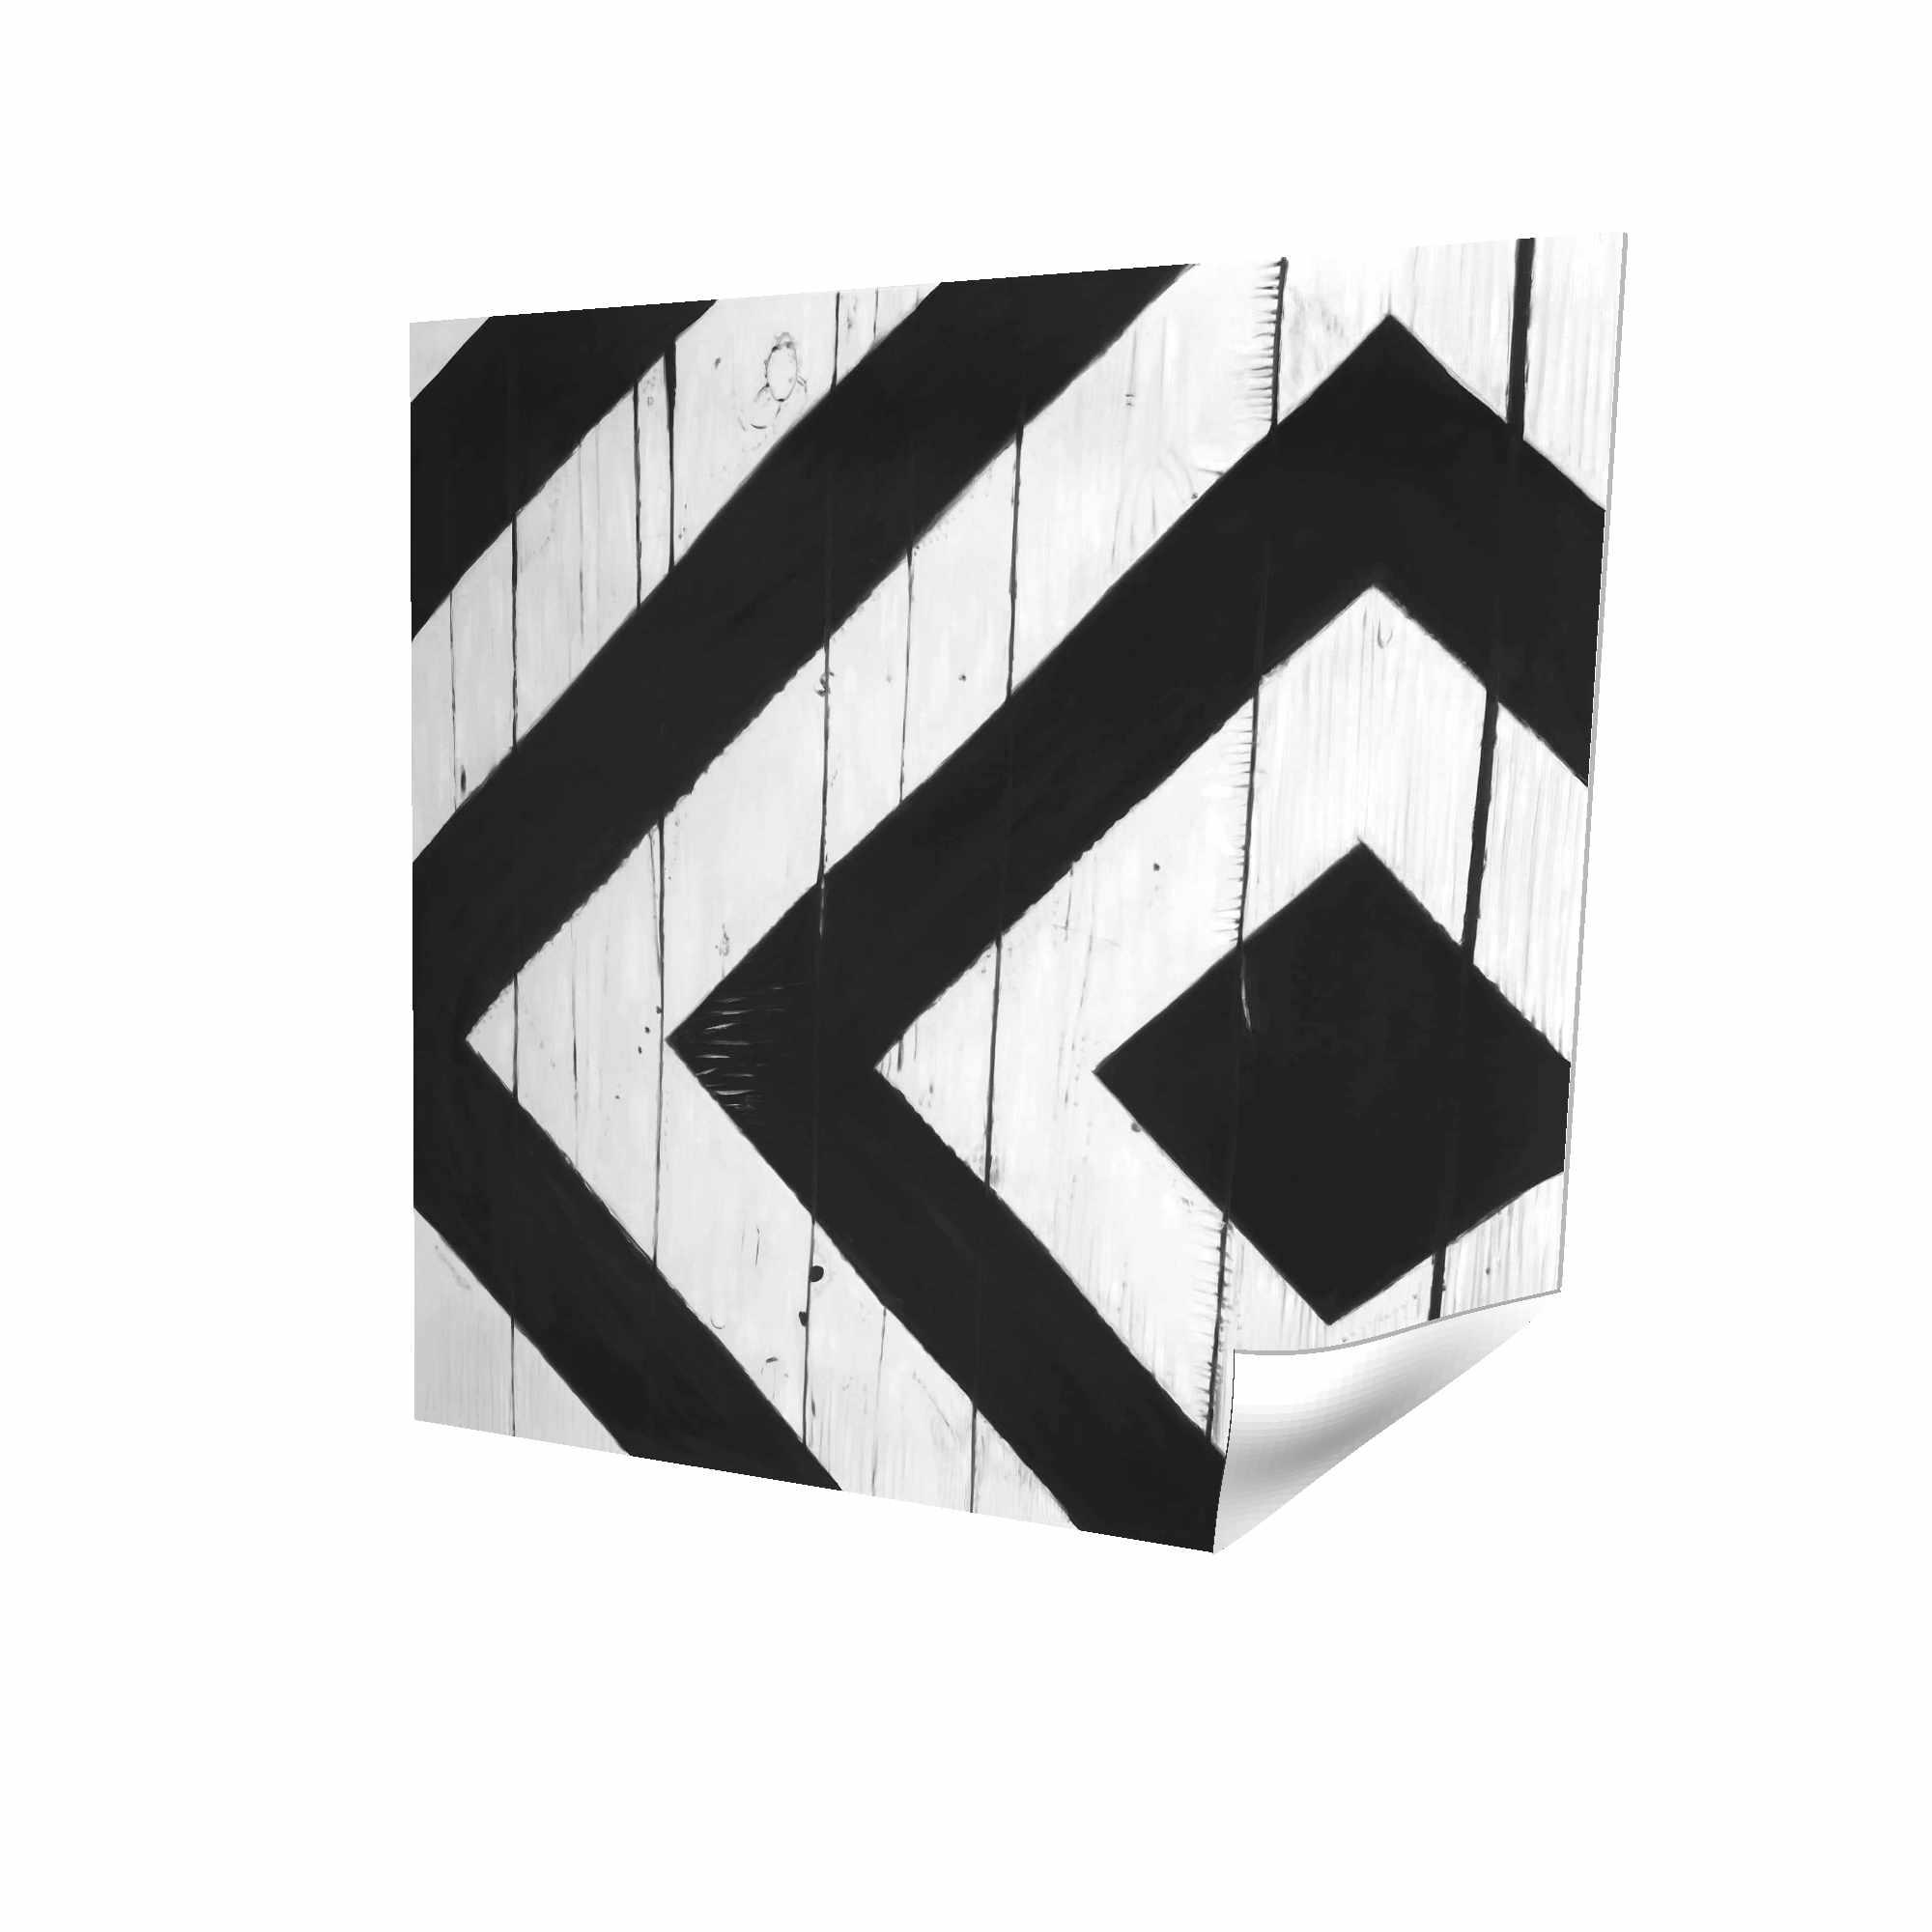 Rhombus on wood